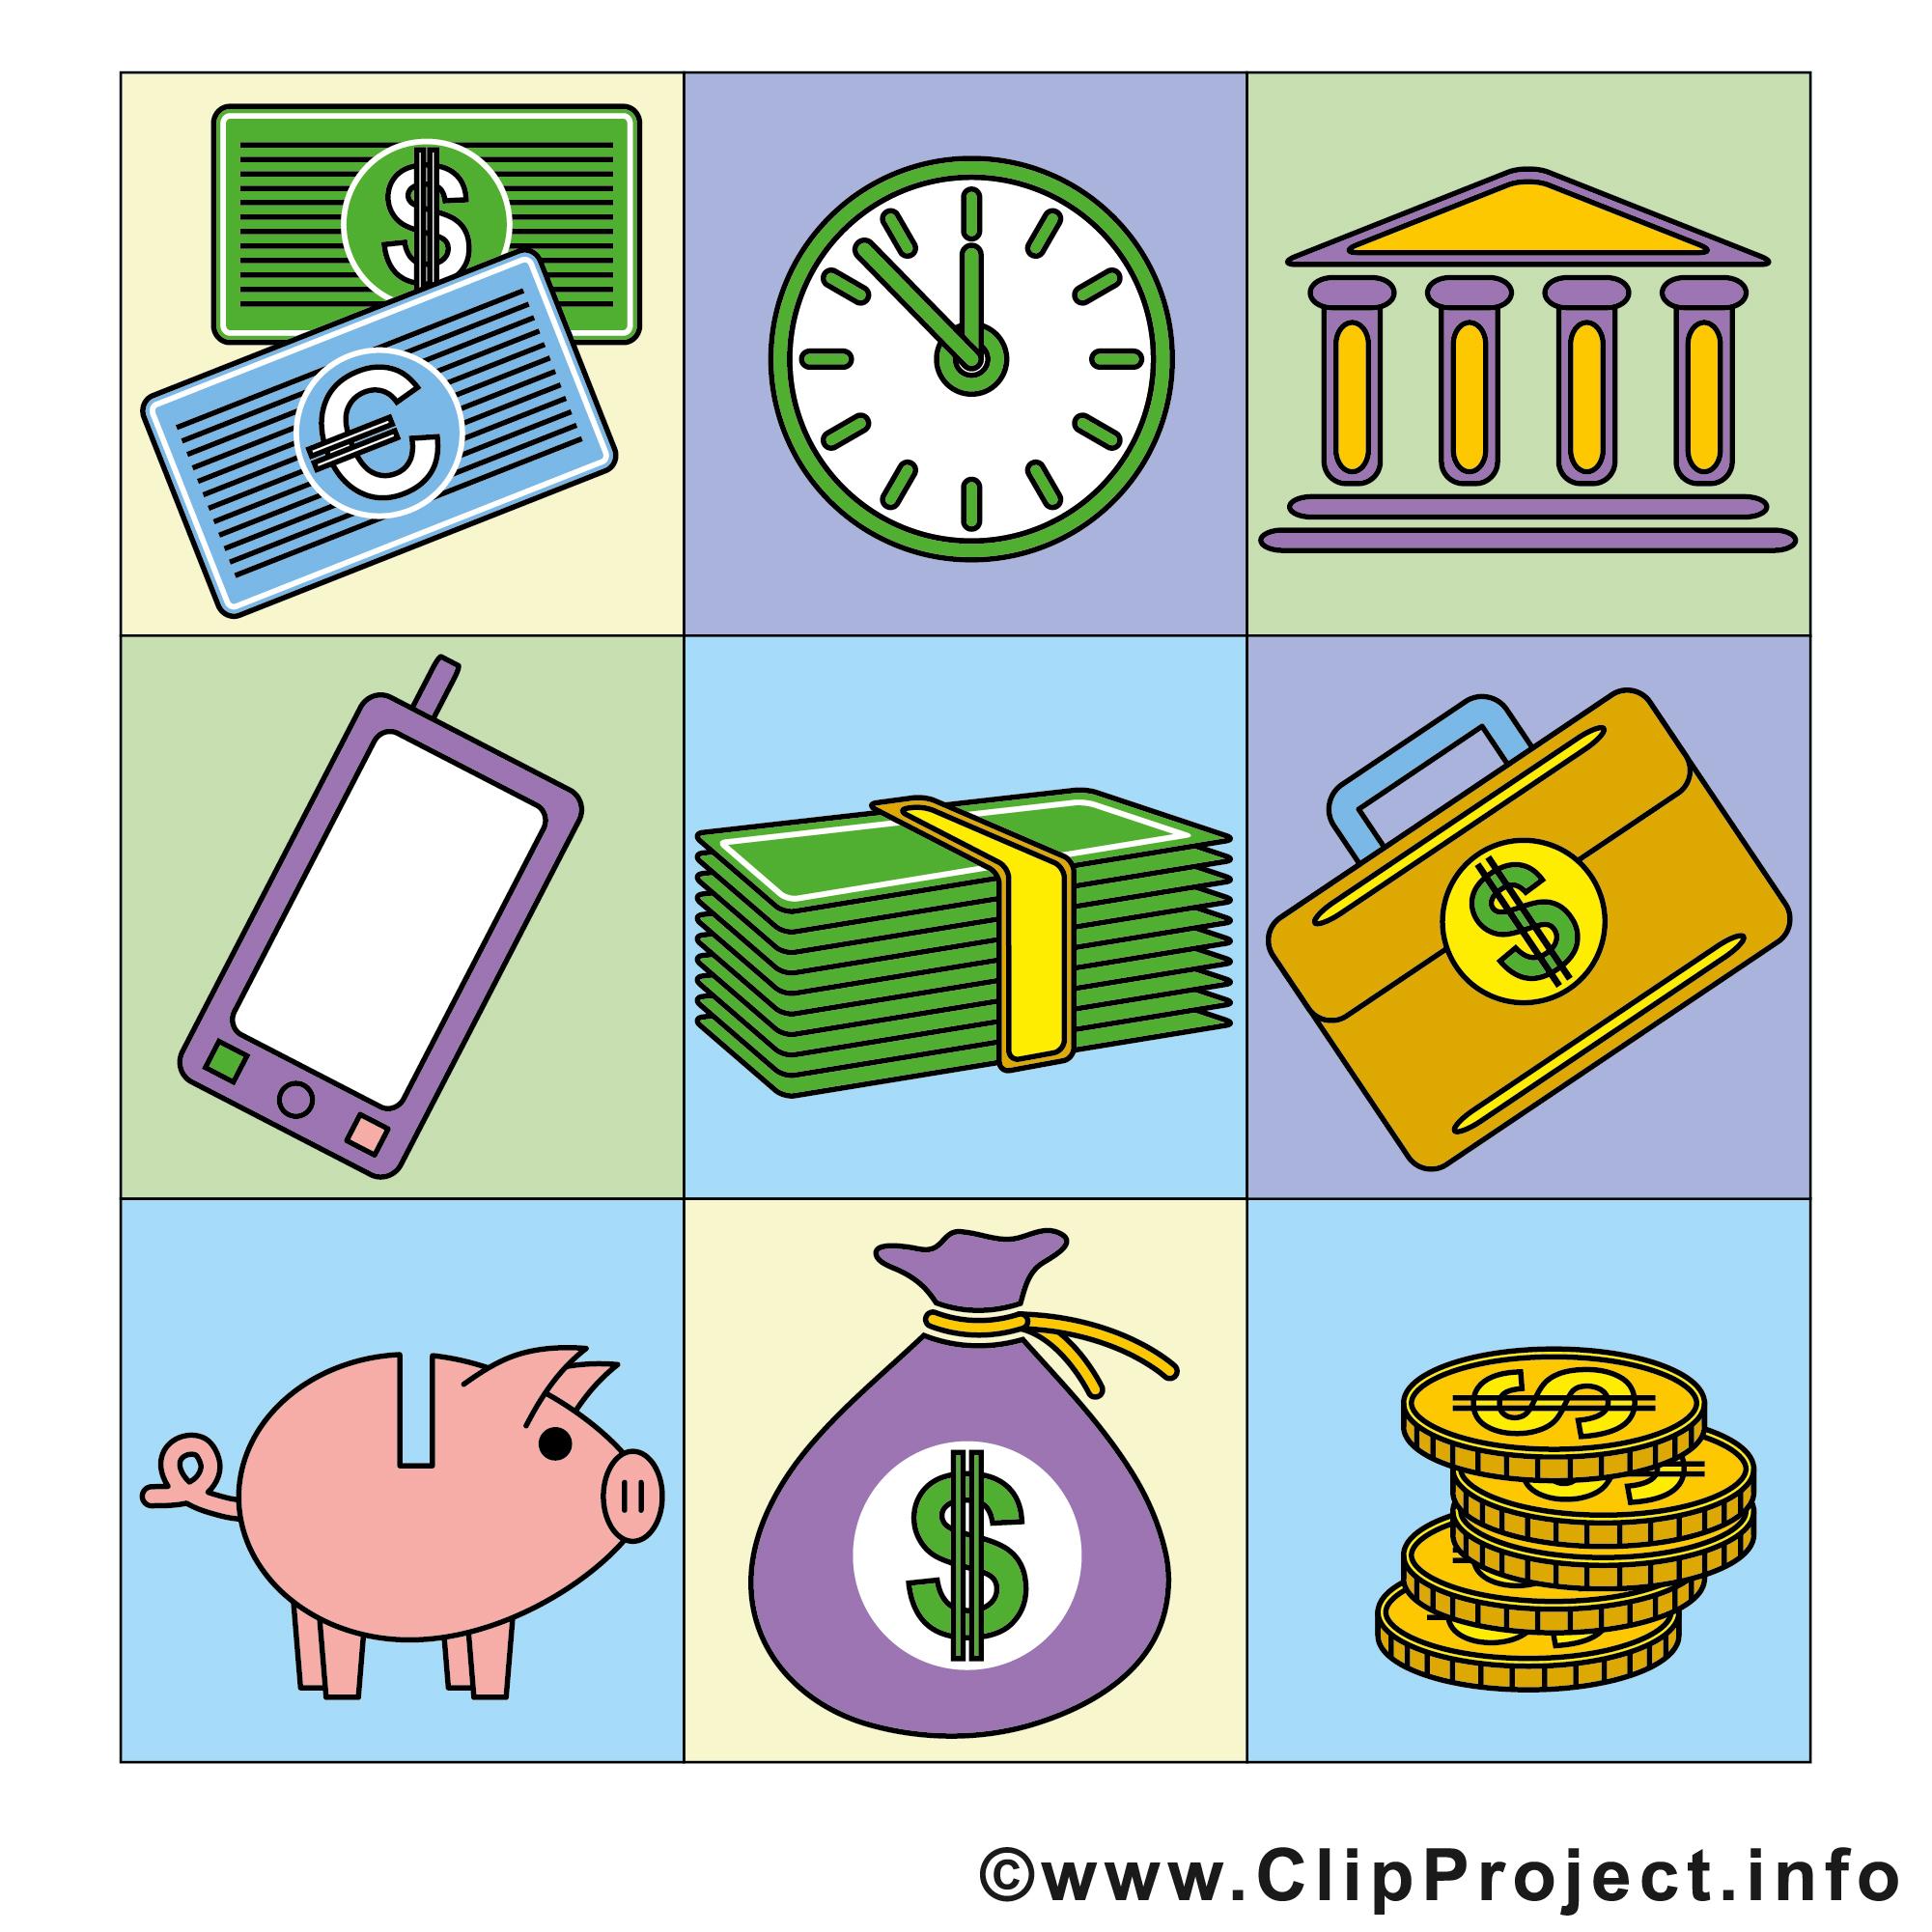 Arbeit wirtschaft technik clipart picture transparent stock Arbeit wirtschaft technik clipart - ClipartFest picture transparent stock